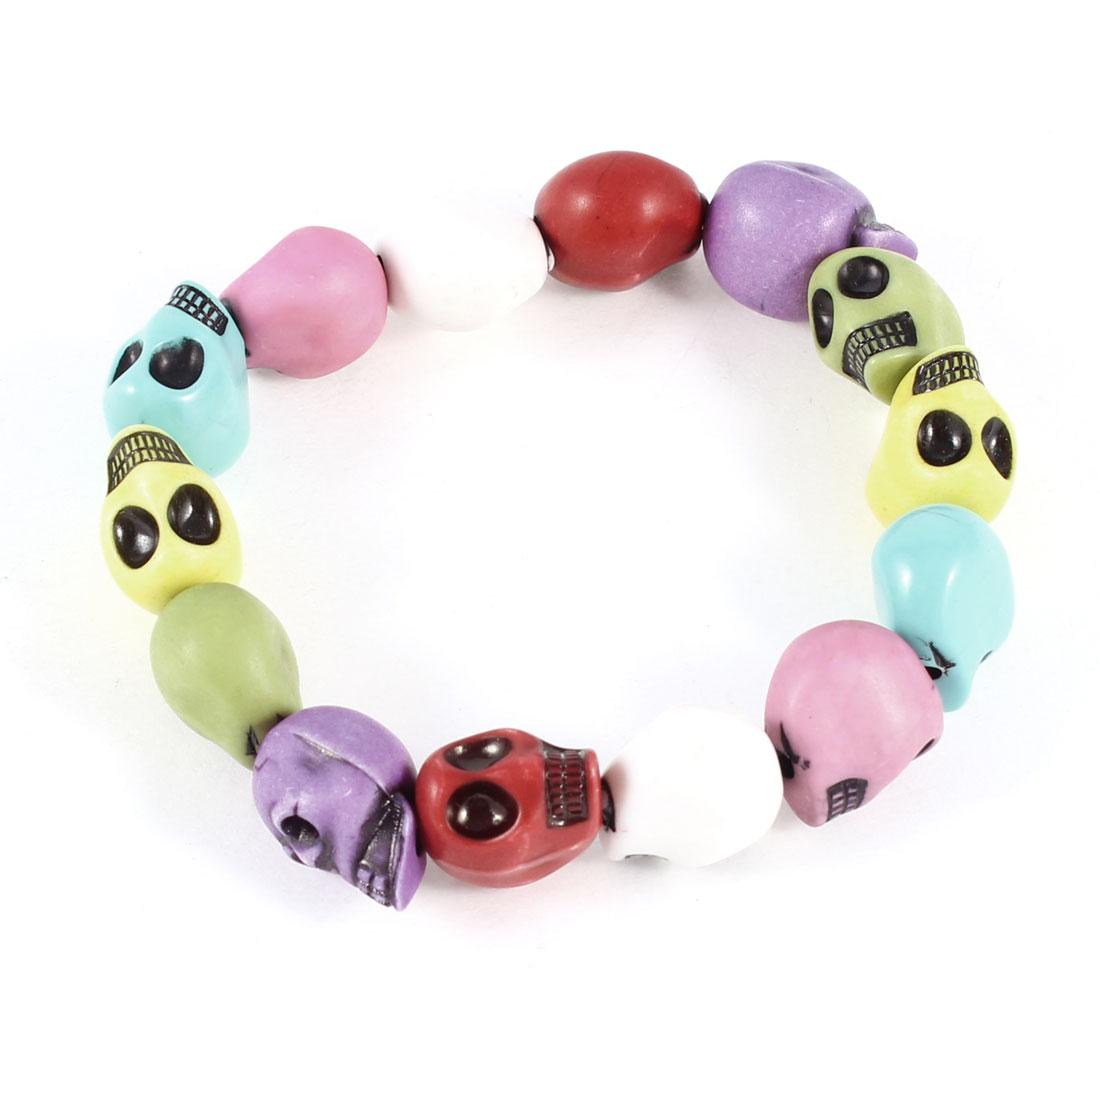 Girl Colorful Plastic Skull Beads Design Elastic Bracelet